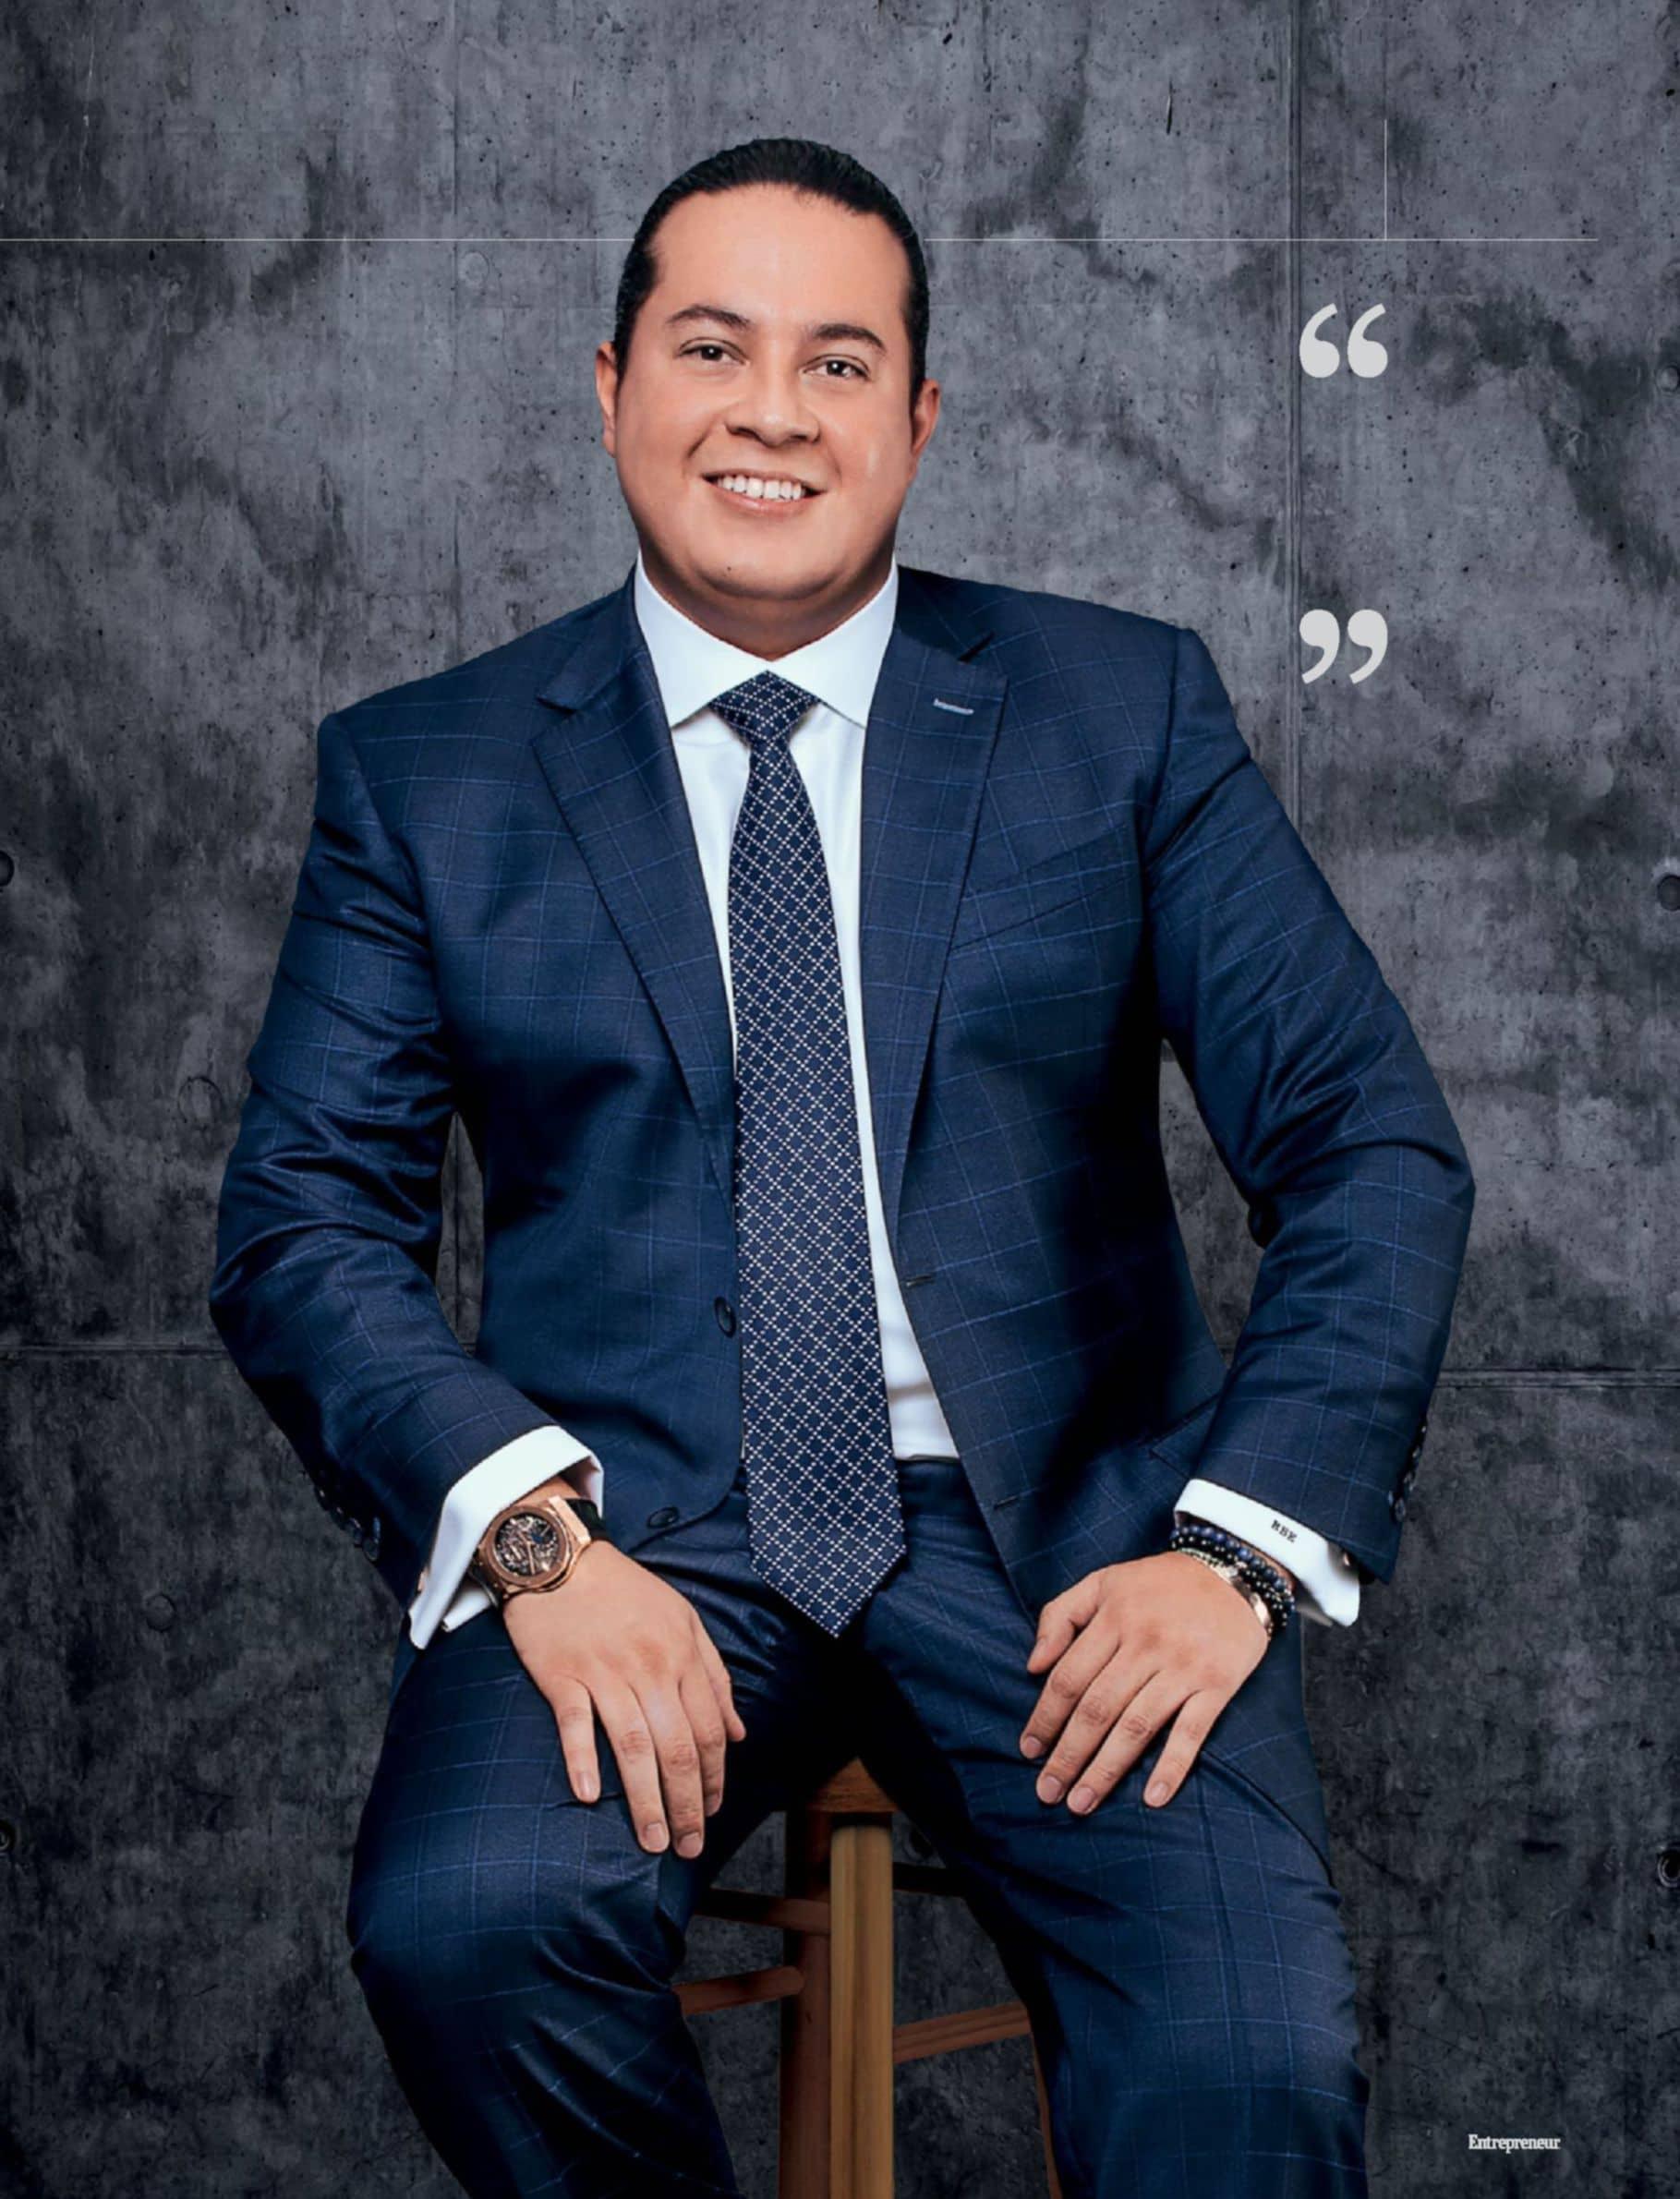 El Nuevo Socio De Las Startups En Mexico